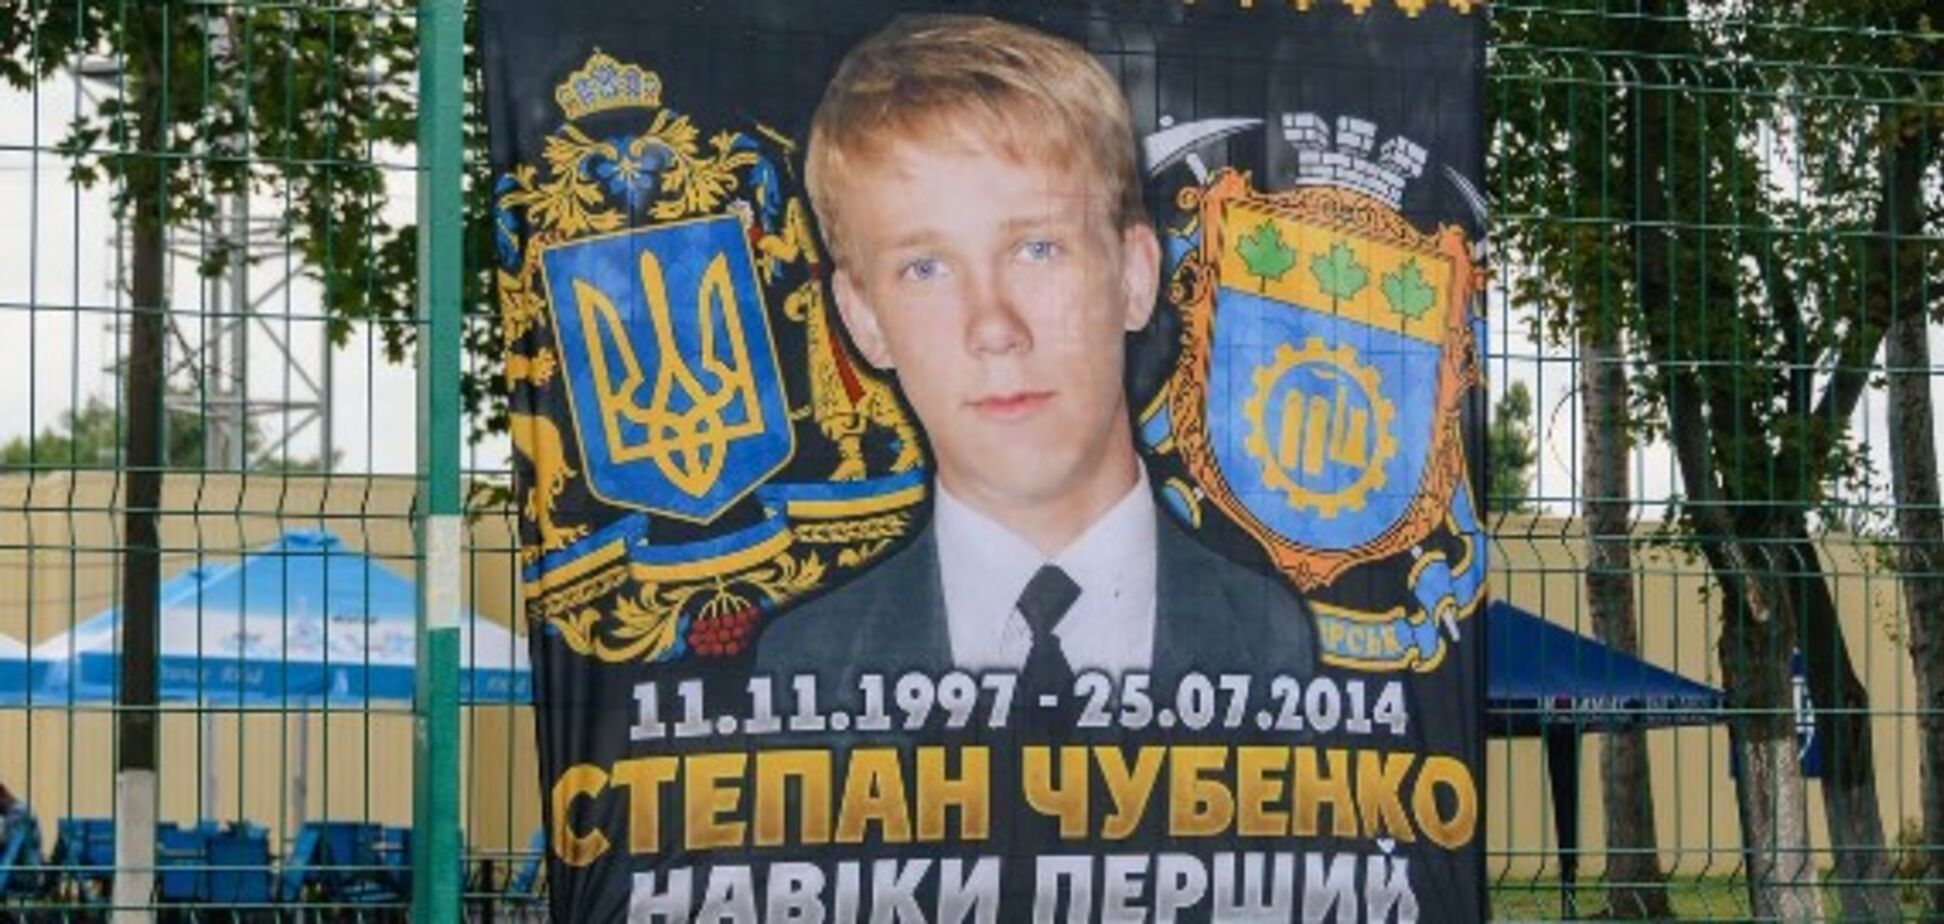 Расстрелян за флаг Украины: суд вынес приговор убийцам 16-летнего парня